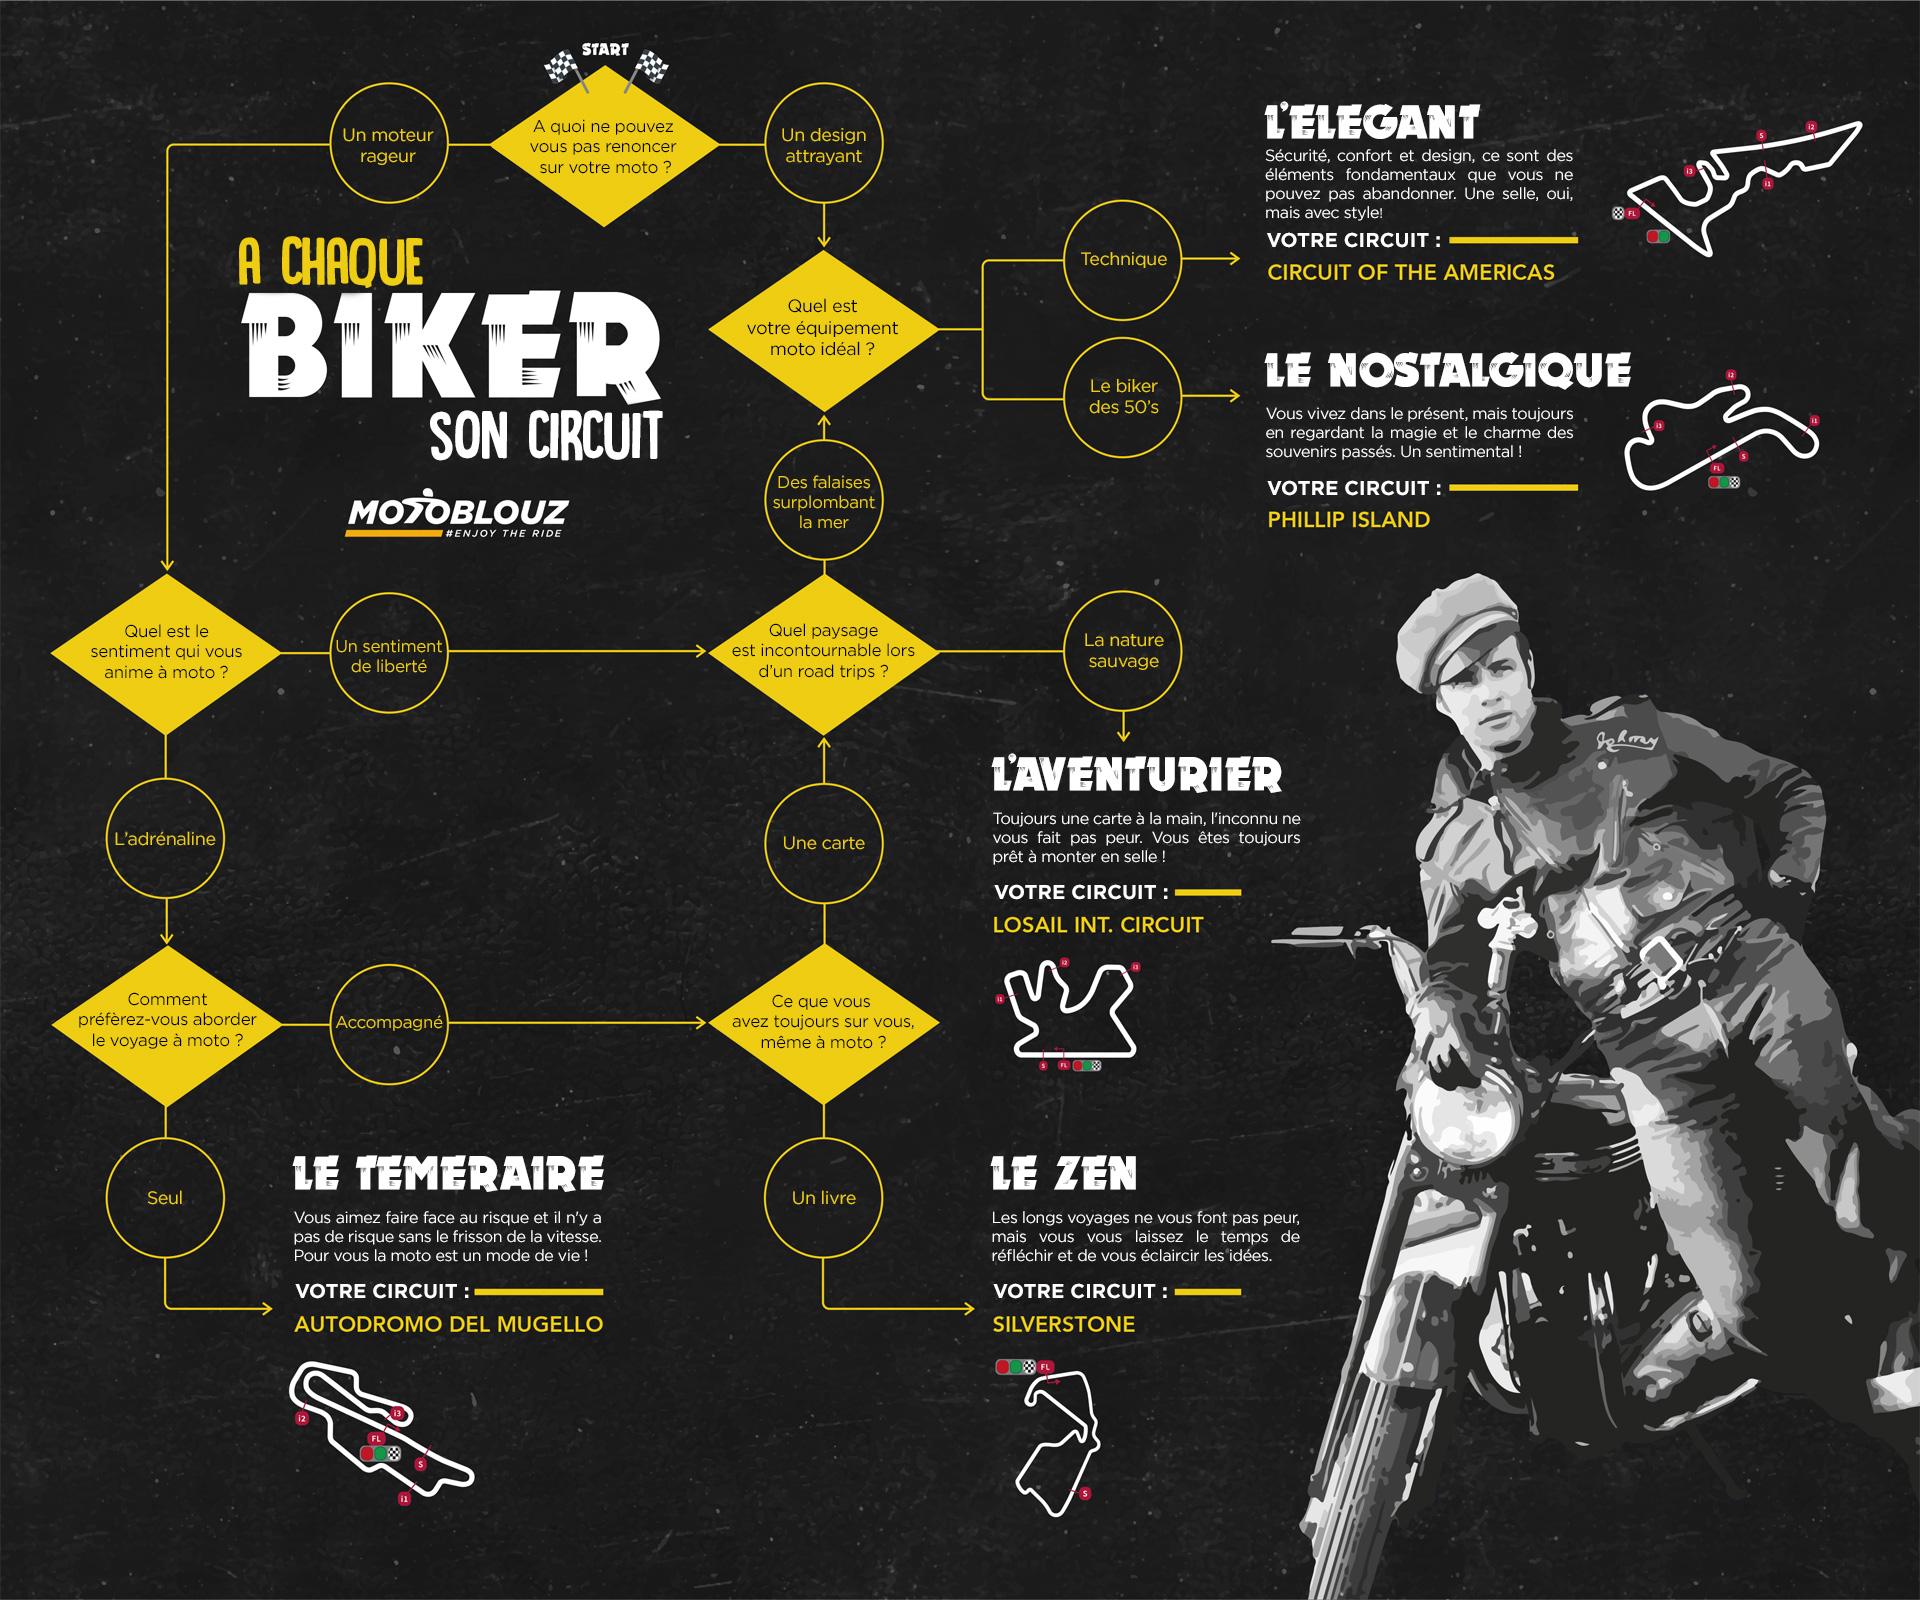 infographie moto circuit